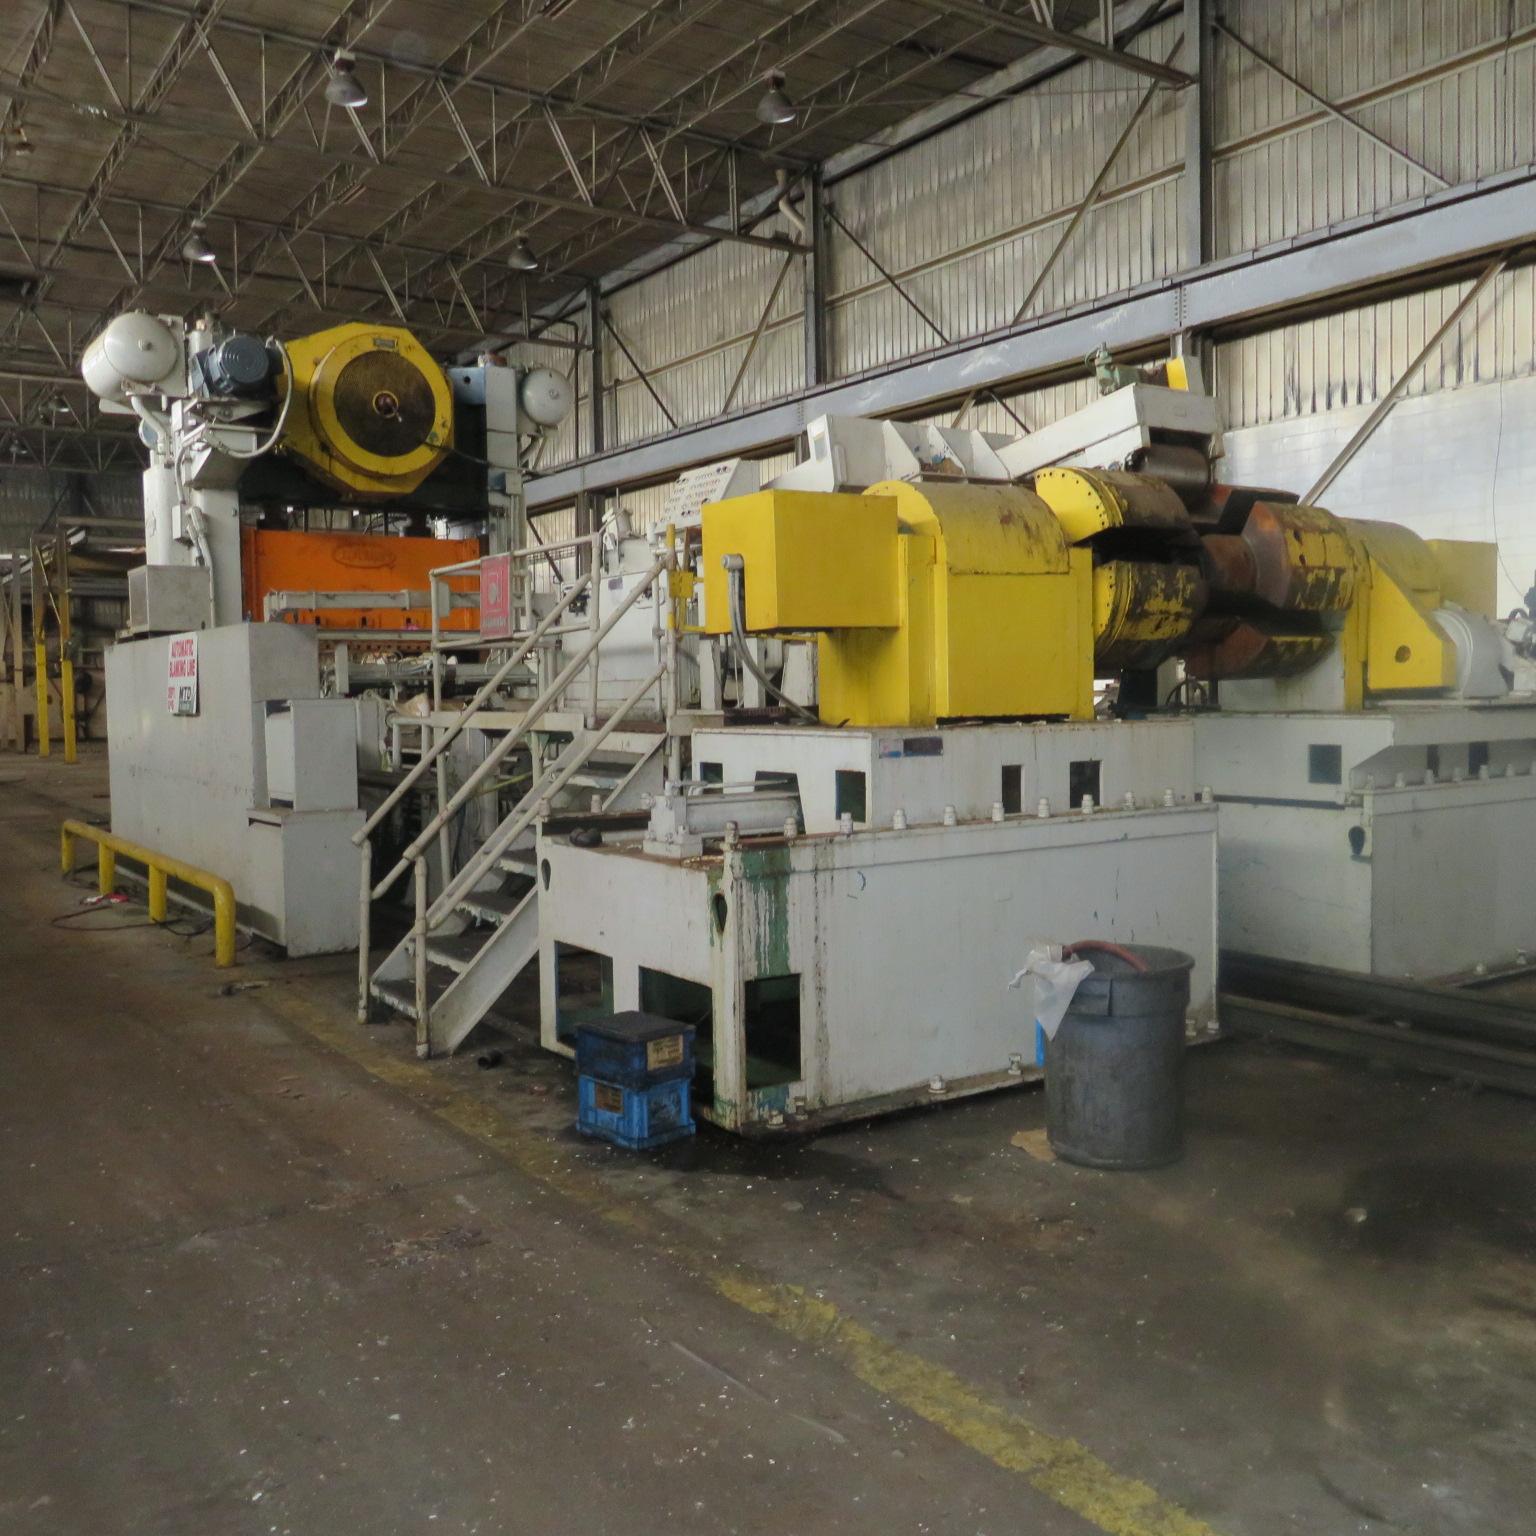 76'' Automatic Feed Company Feedline - 60,000# Capacity